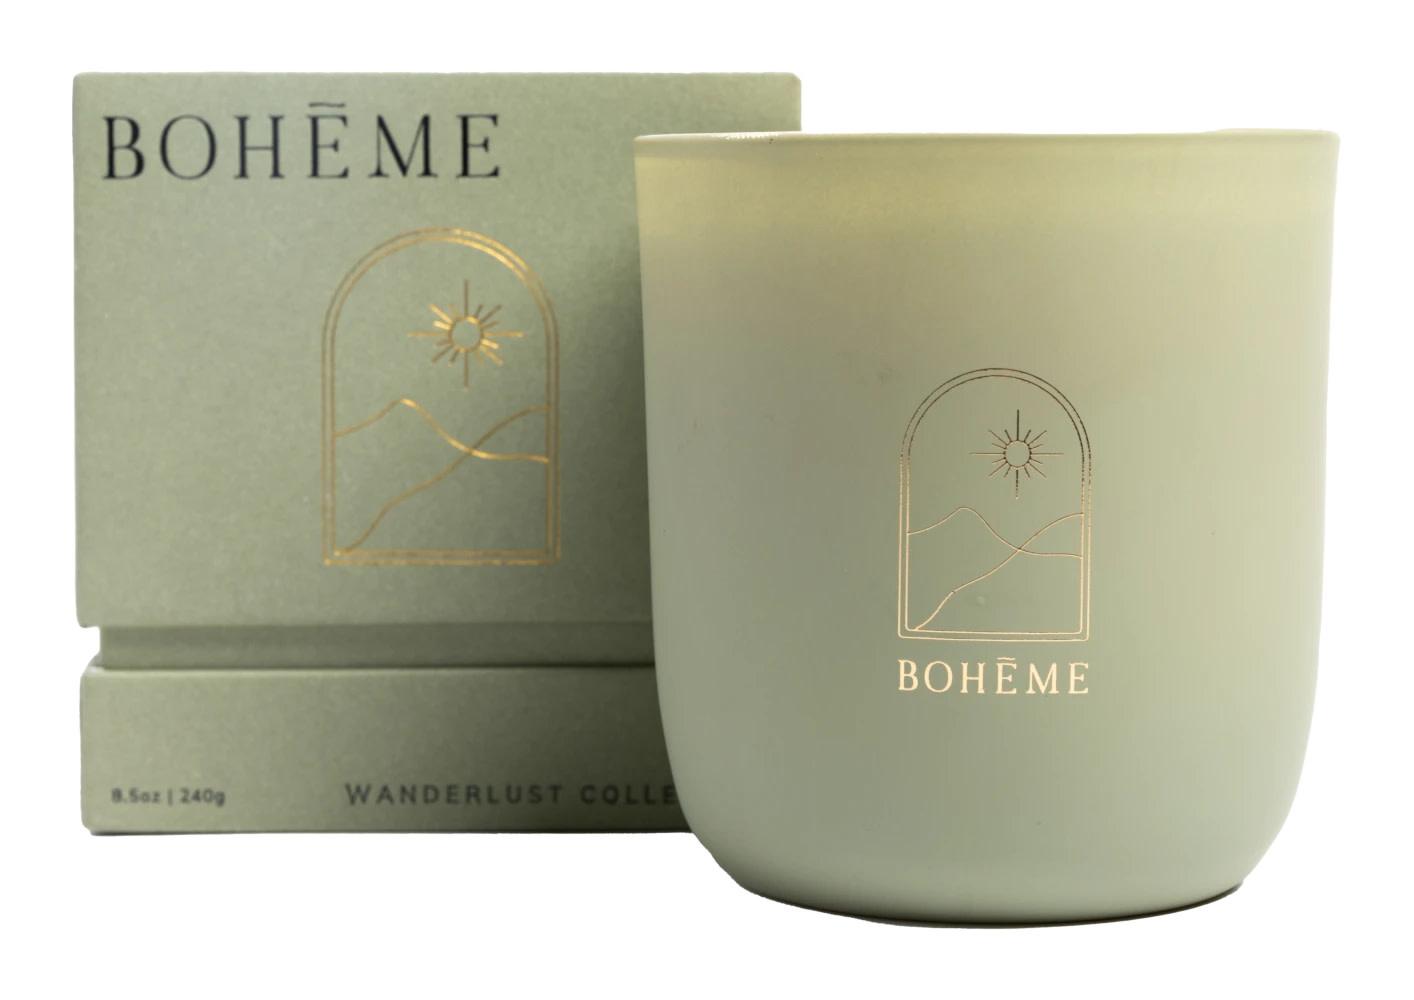 Boheme BOH CALA - Asti Candle